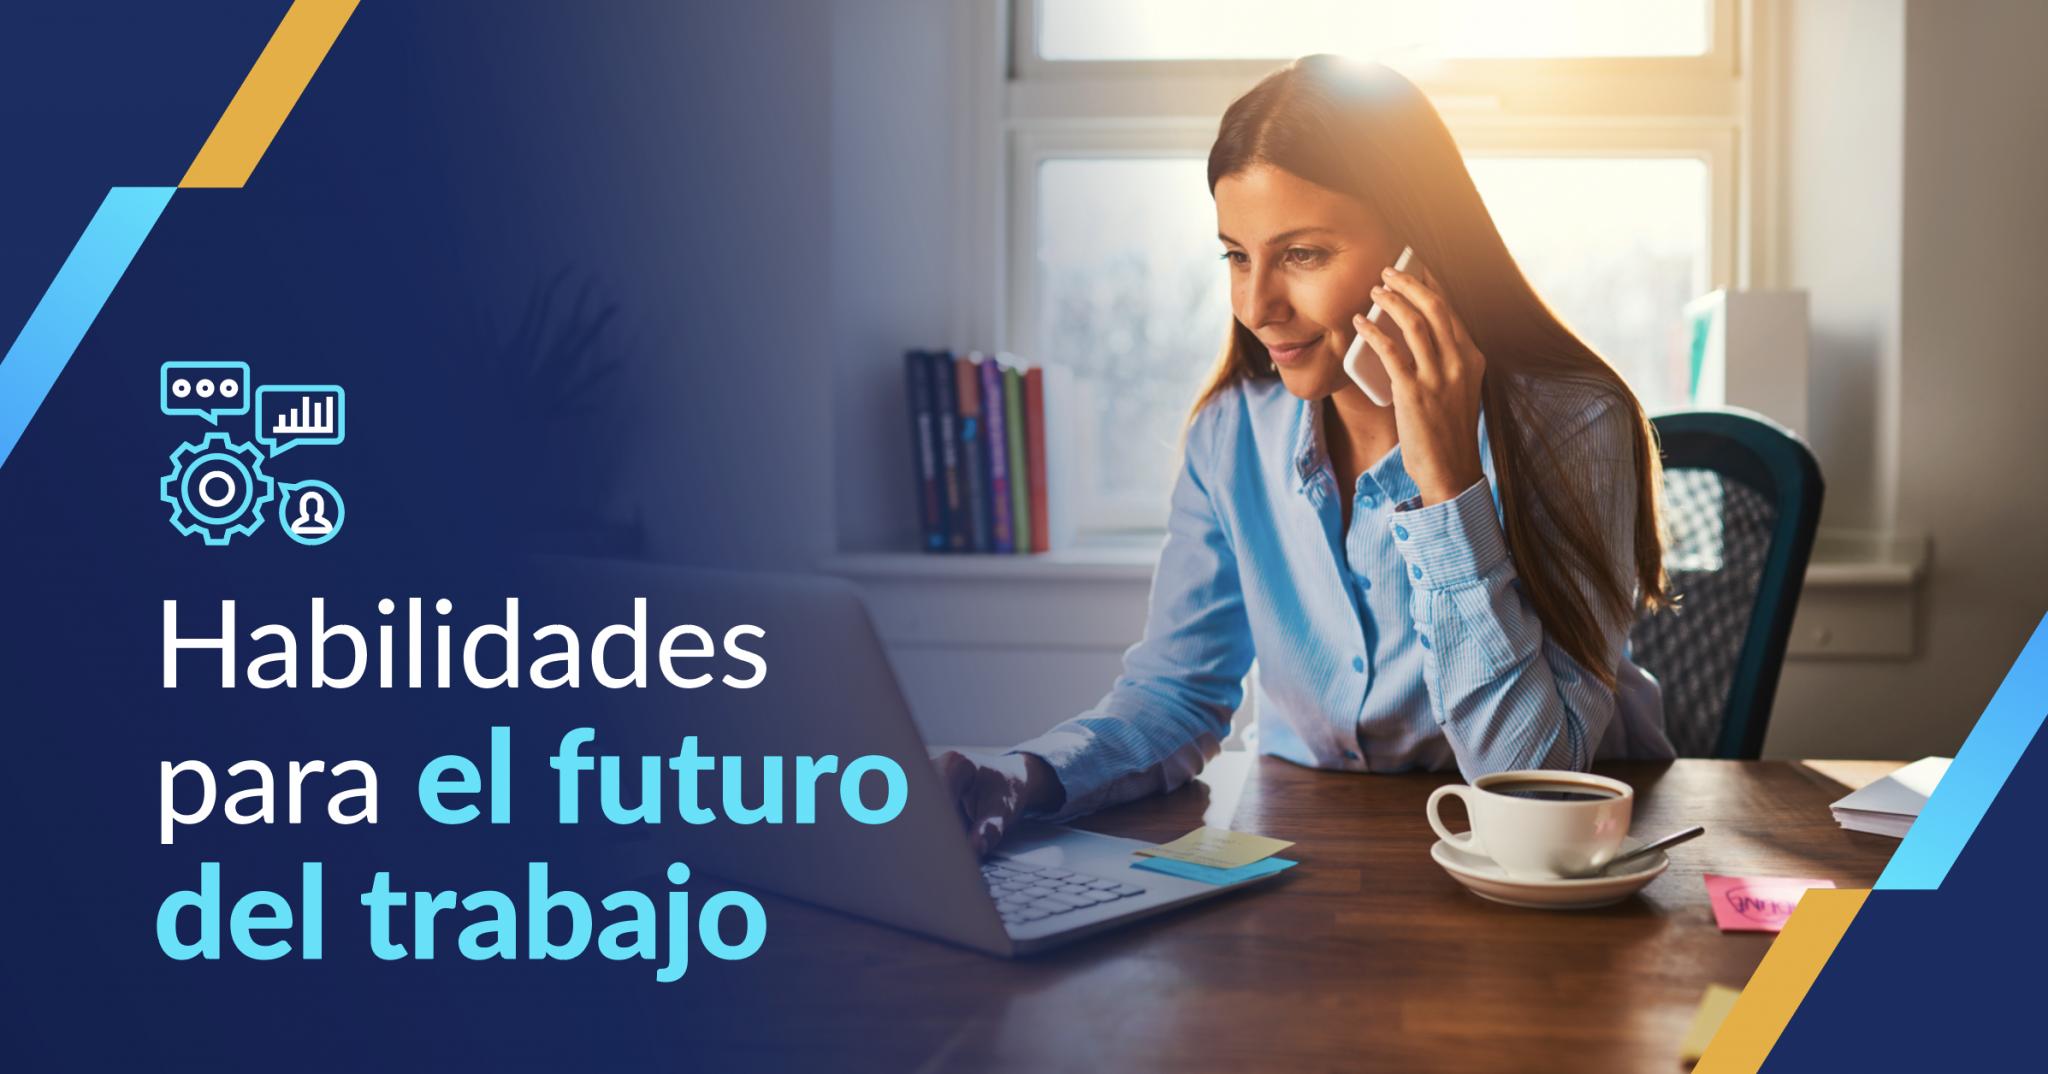 habilidades para el futuro del trabajo